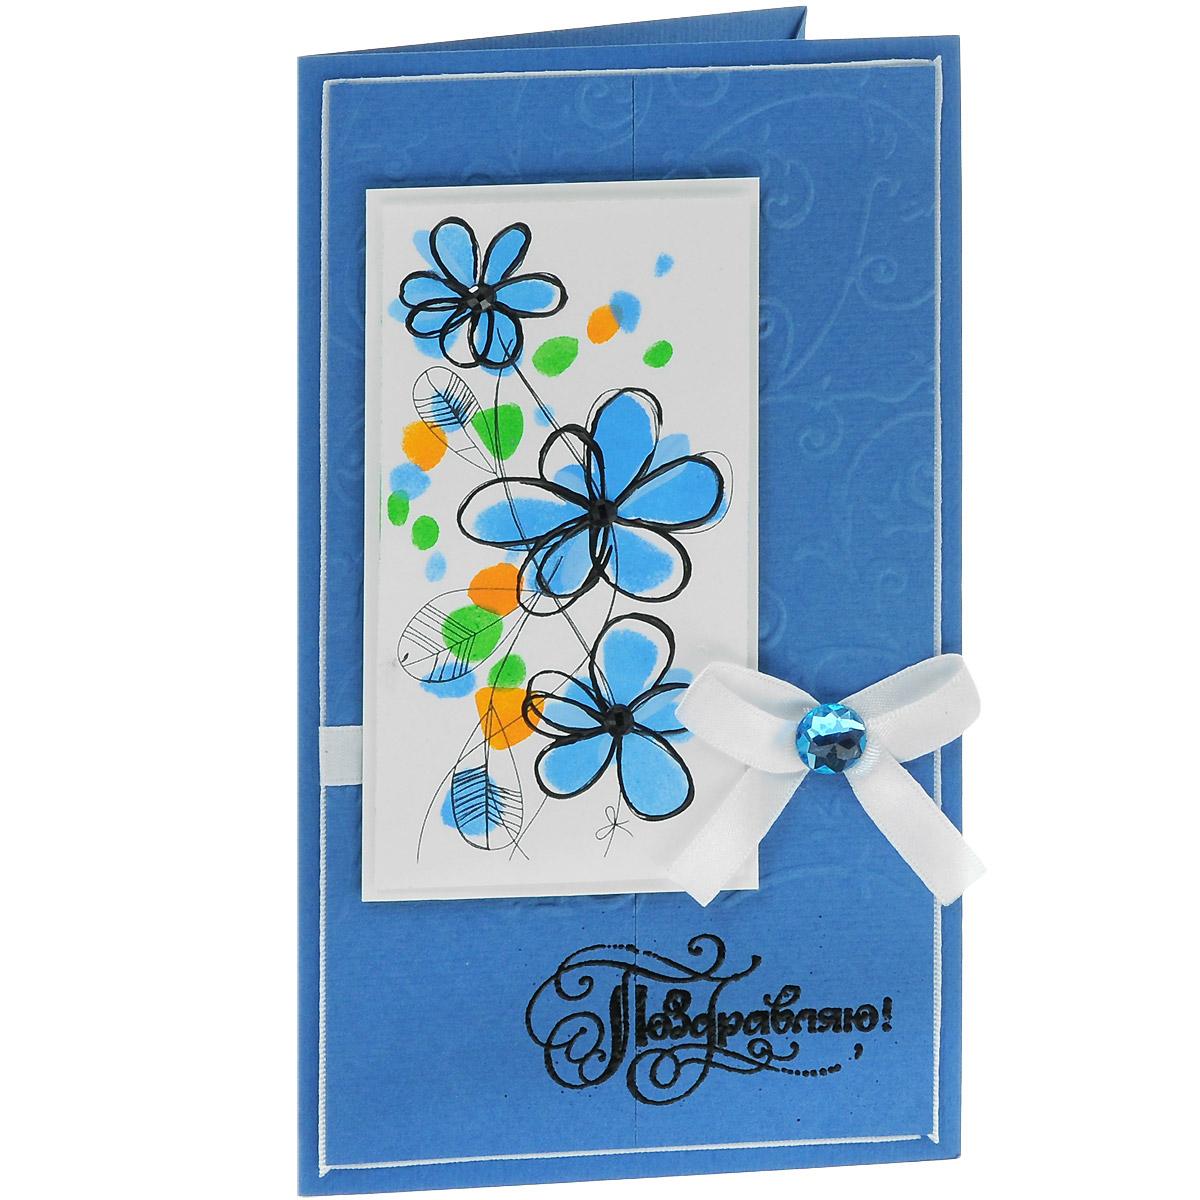 ОЖ-0022 Открытка-конверт «Поздравляю!». Студия «Тётя Роза»514-950Характеристики: Размер 19 см x 11 см.Материал: Высоко-художественный картон, бумага, декор. Данная открытка может стать как прекрасным дополнением к вашему подарку, так и самостоятельным подарком. Так как открытка является и конвертом, в который вы можете вложить ваш денежный подарок или просто написать ваши пожелания на вкладыше. Оригинальное решение открытки в графическом изображении подложки. Цветочки прорисованы вручную акриловыми красками иконтурными пастами. В декоре используется атласная лента и жемчужная полубусина. В серединки цветов вклеены черные сверкающие стразы. Надпись выполнена в технике горячего термоподъема. Также открытка упакована в пакетик для сохранности.Обращаем Ваше внимание на то, что открытка может незначительно отличаться от представленной на фото.Открытки ручной работы от студии Тётя Роза отличаются своим неповторимым и ярким стилем. Каждая уникальна и выполнена вручную мастерами студии. (Открытка для мужчин, открытка для женщины, открытка на день рождения, открытка с днем свадьбы, открытка винтаж, открытка с юбилеем, открытка на все случаи, скрапбукинг)